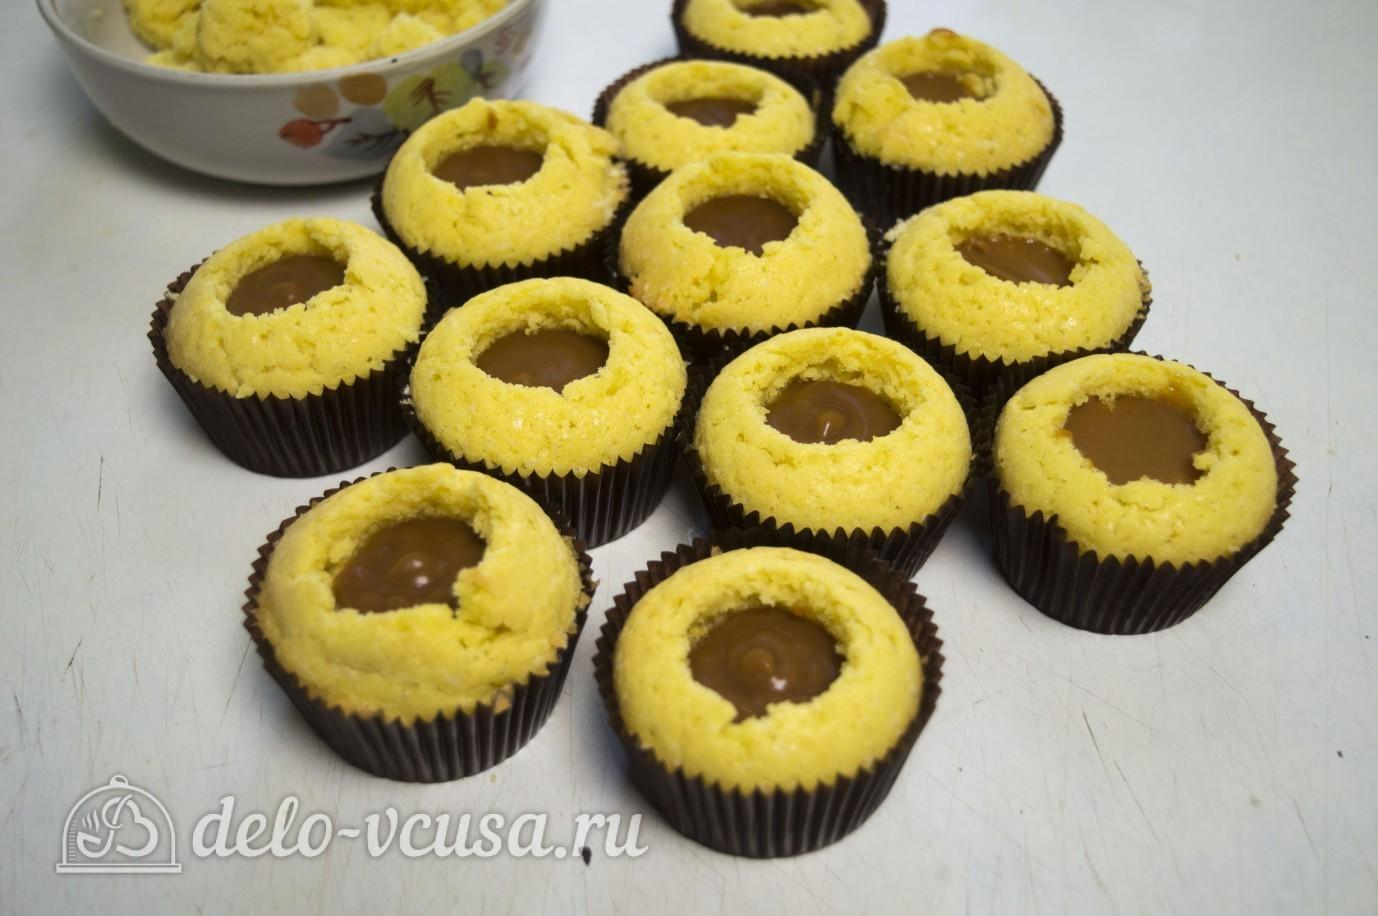 Кексы с джемом внутри рецепт пошагово